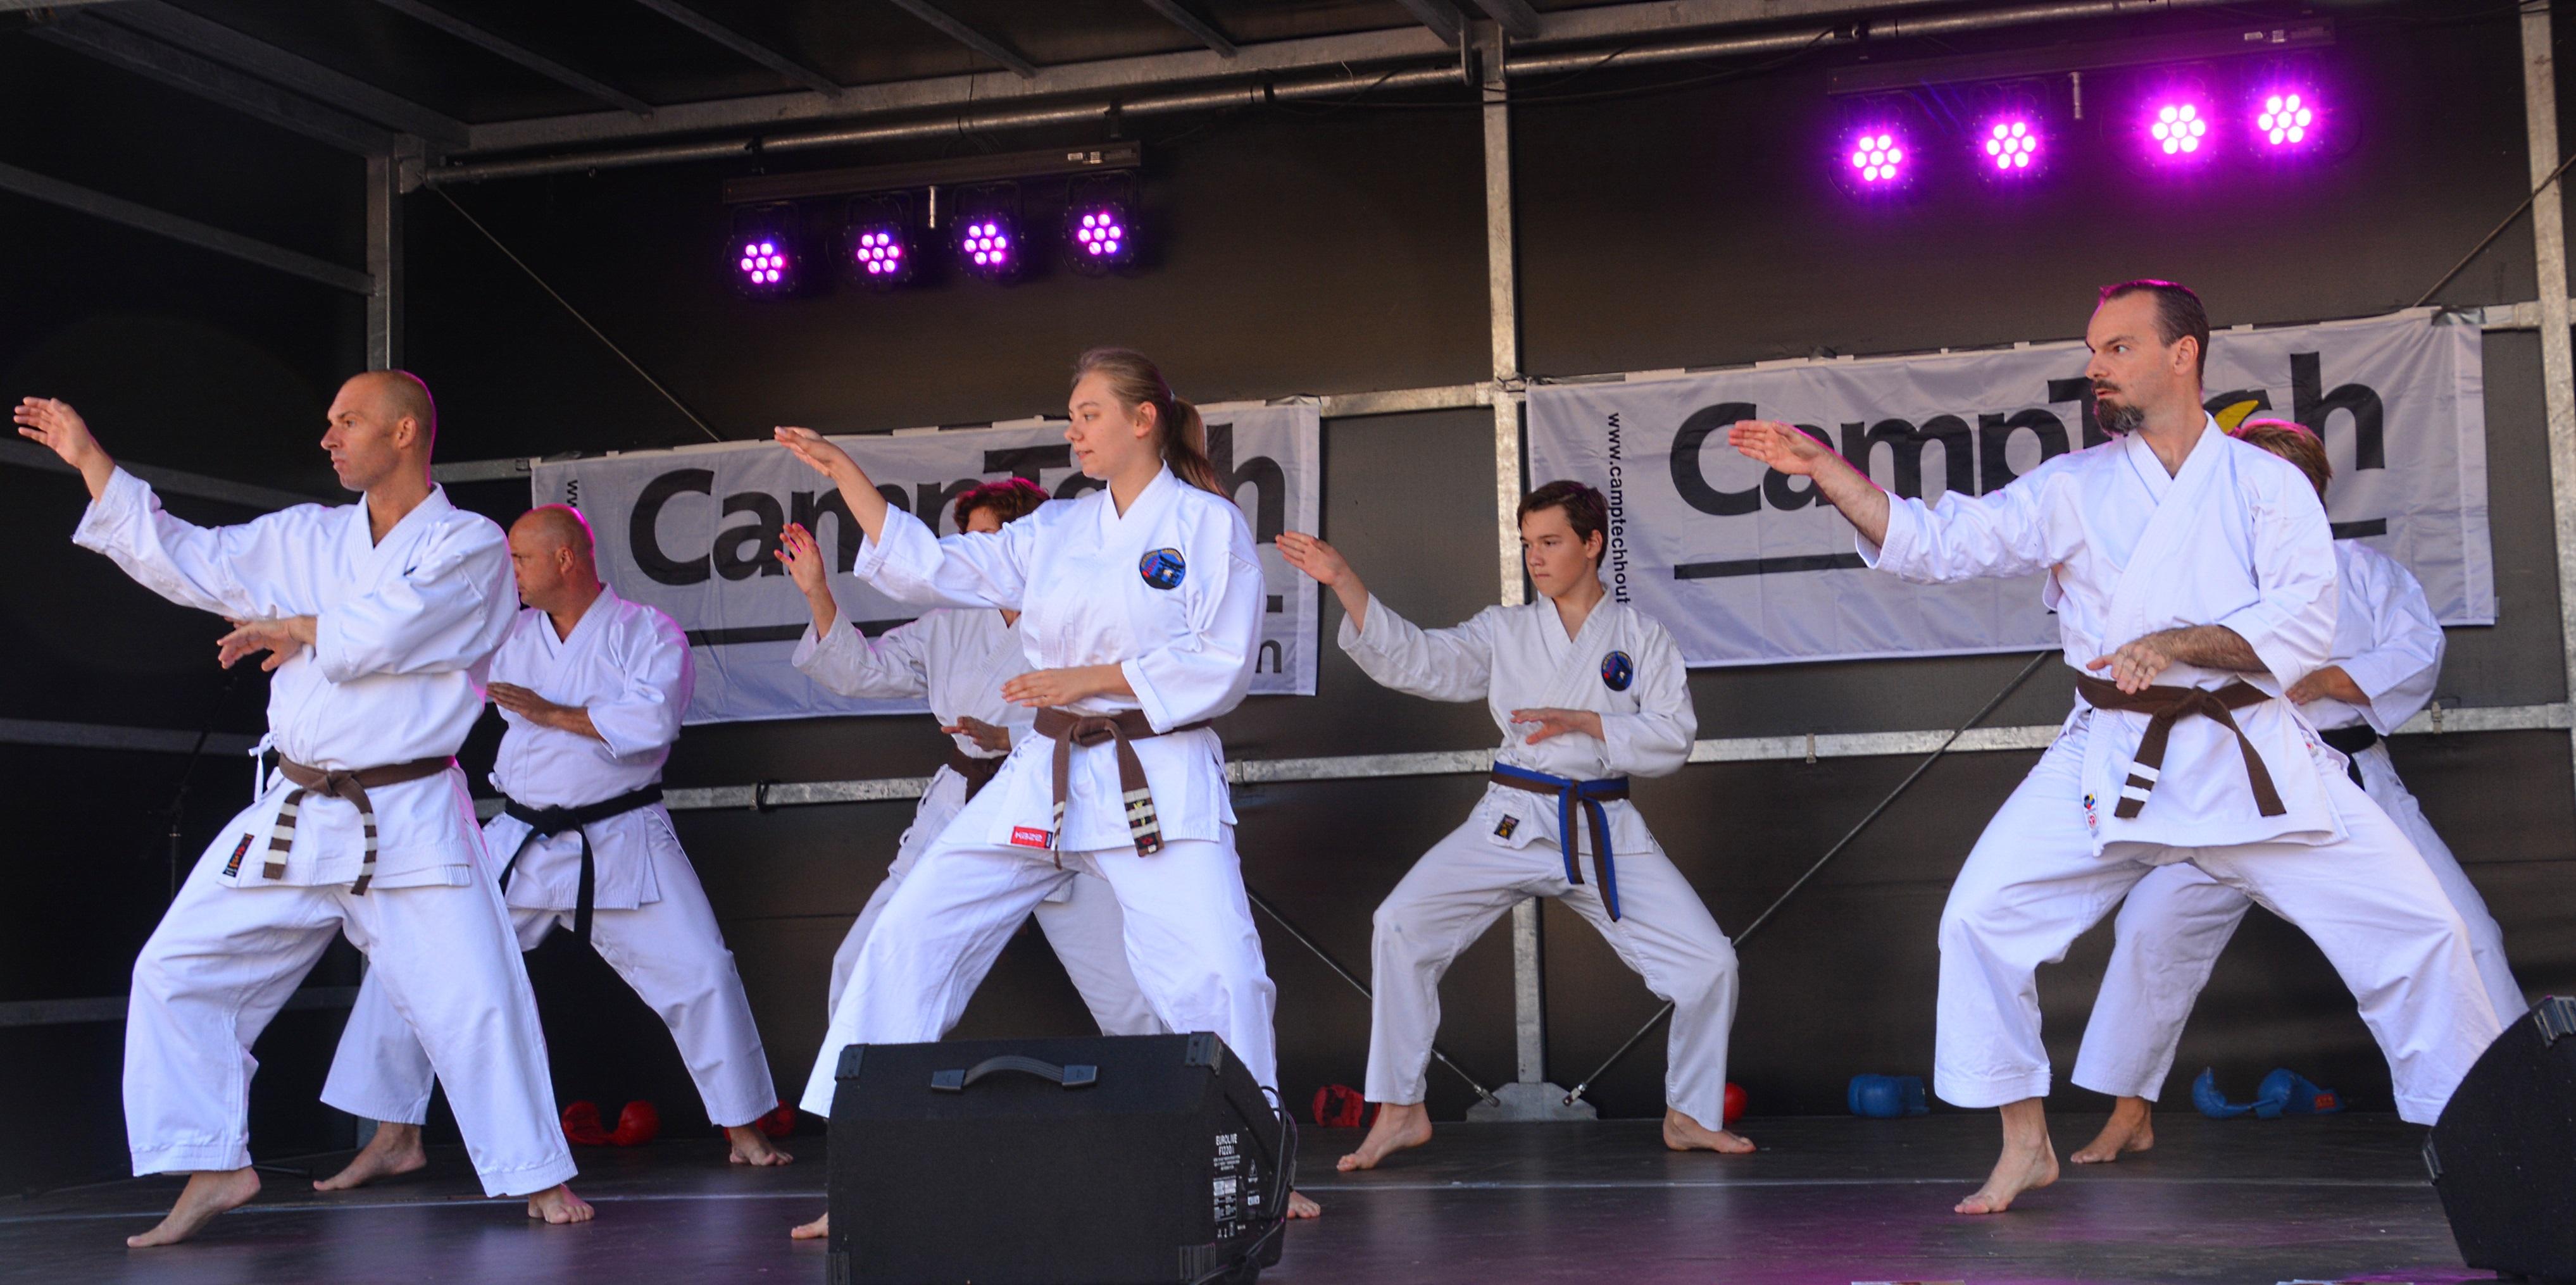 Atarashii-demo in Houten: een impressie